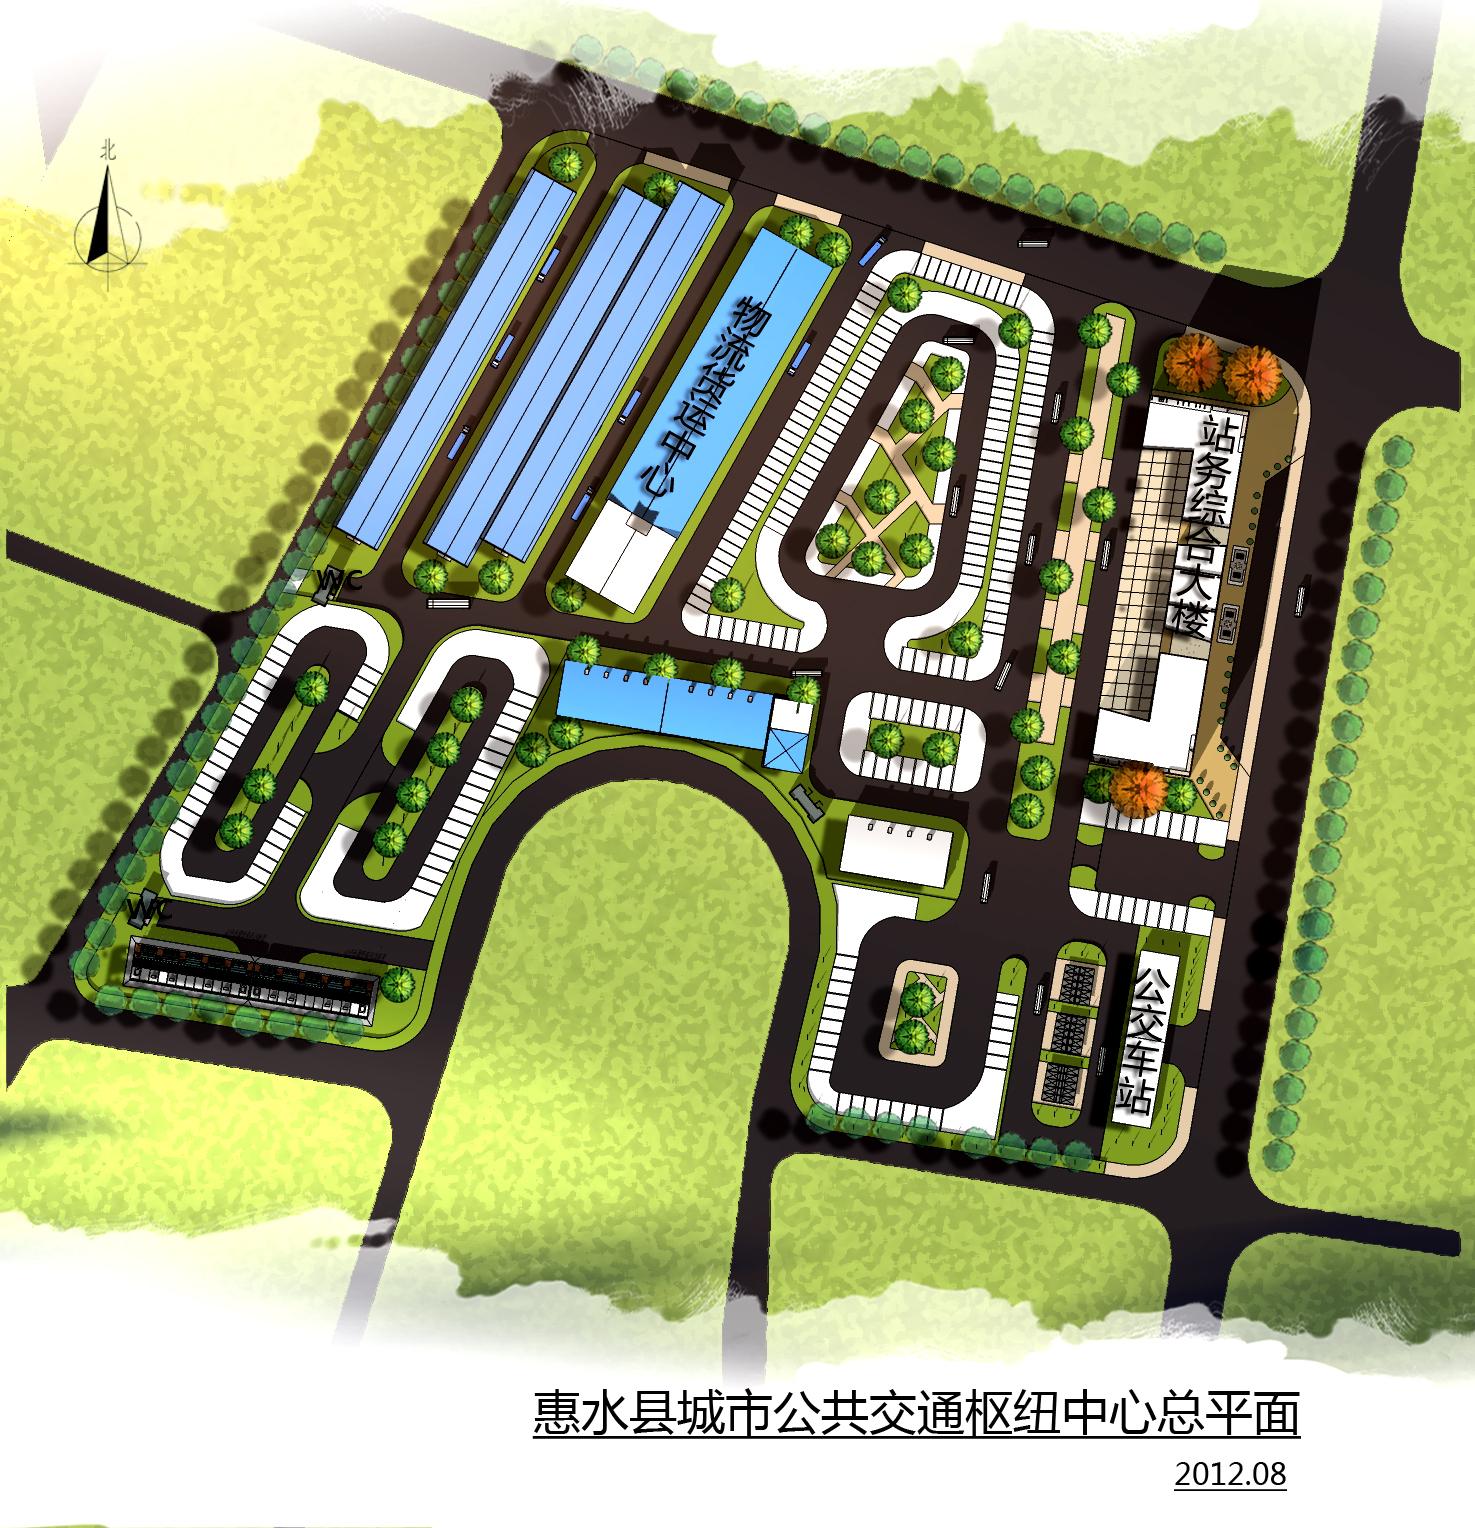 惠水县城市公共交通枢纽中心景观设计方案